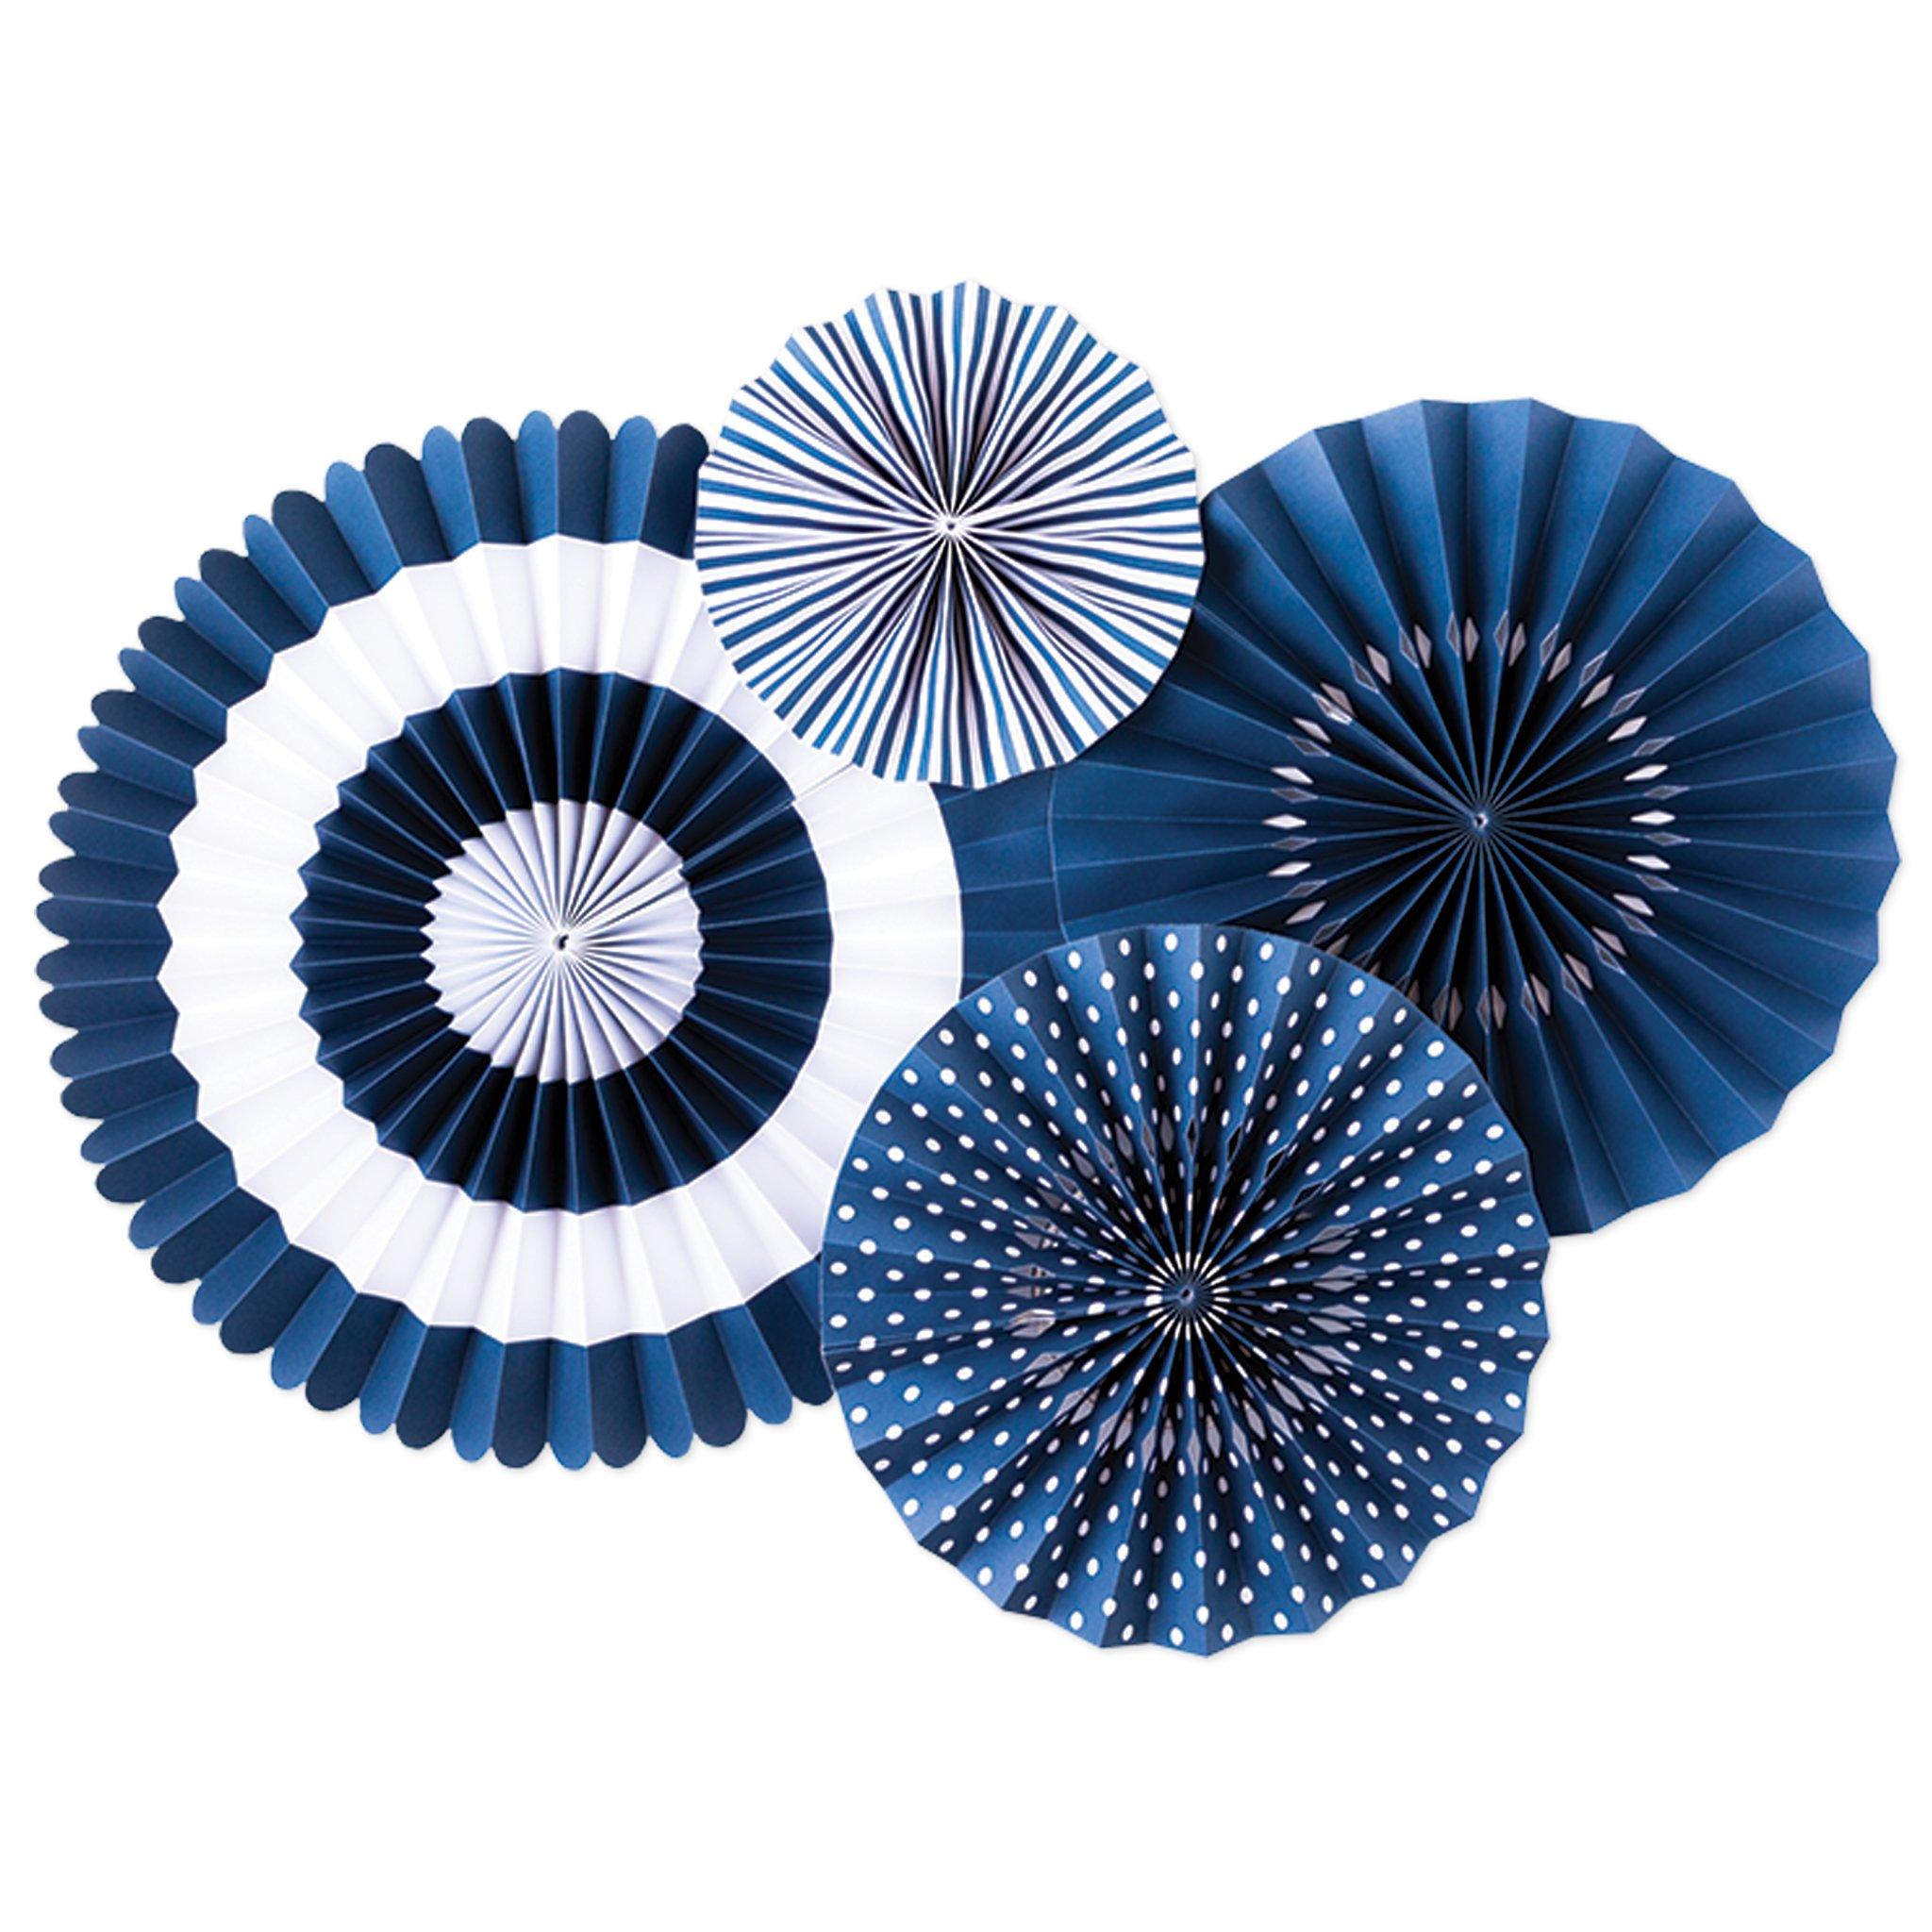 My Mind's Eye Paperlove Party Fans, set of 4 (Navy (Blueberry)) by My Mind's Eye